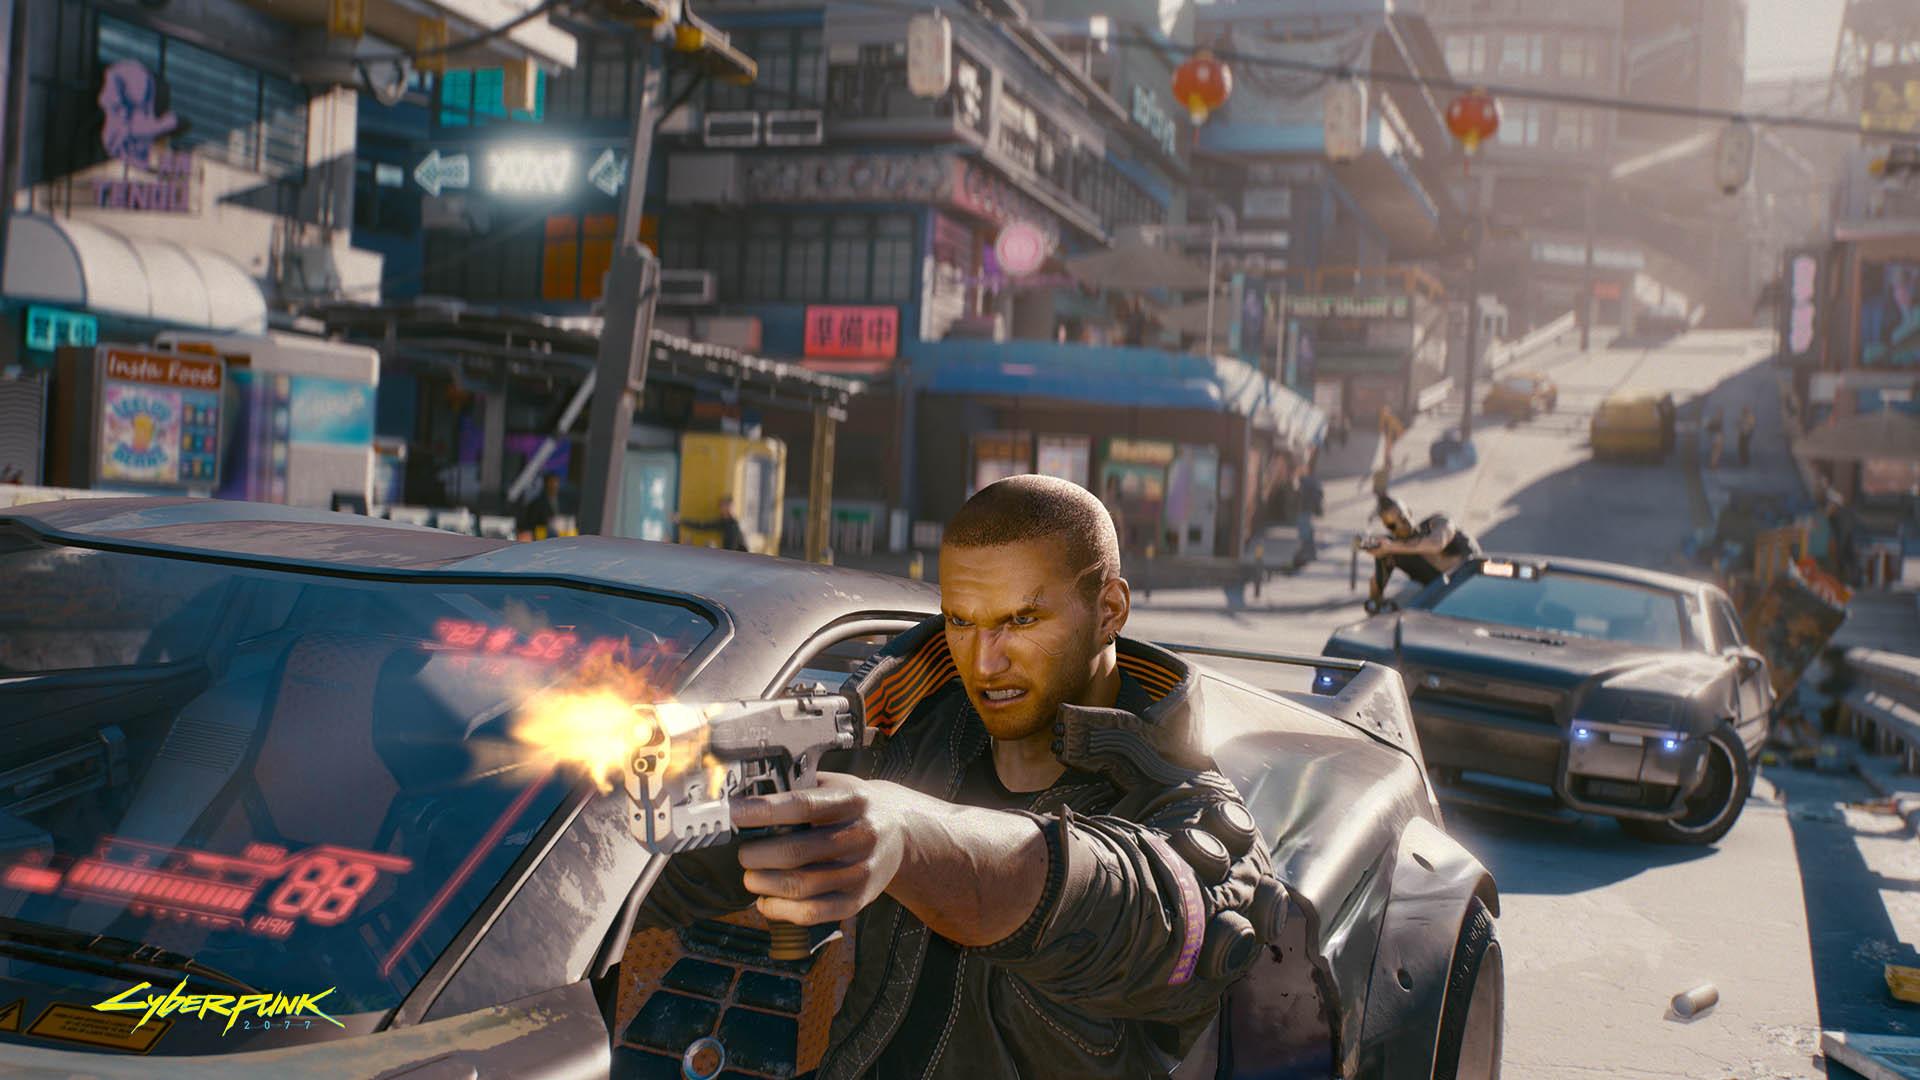 Разработчики Cyberpunk 2077 очень ждут The Game Awards 2018, но сами ничего не покажут там